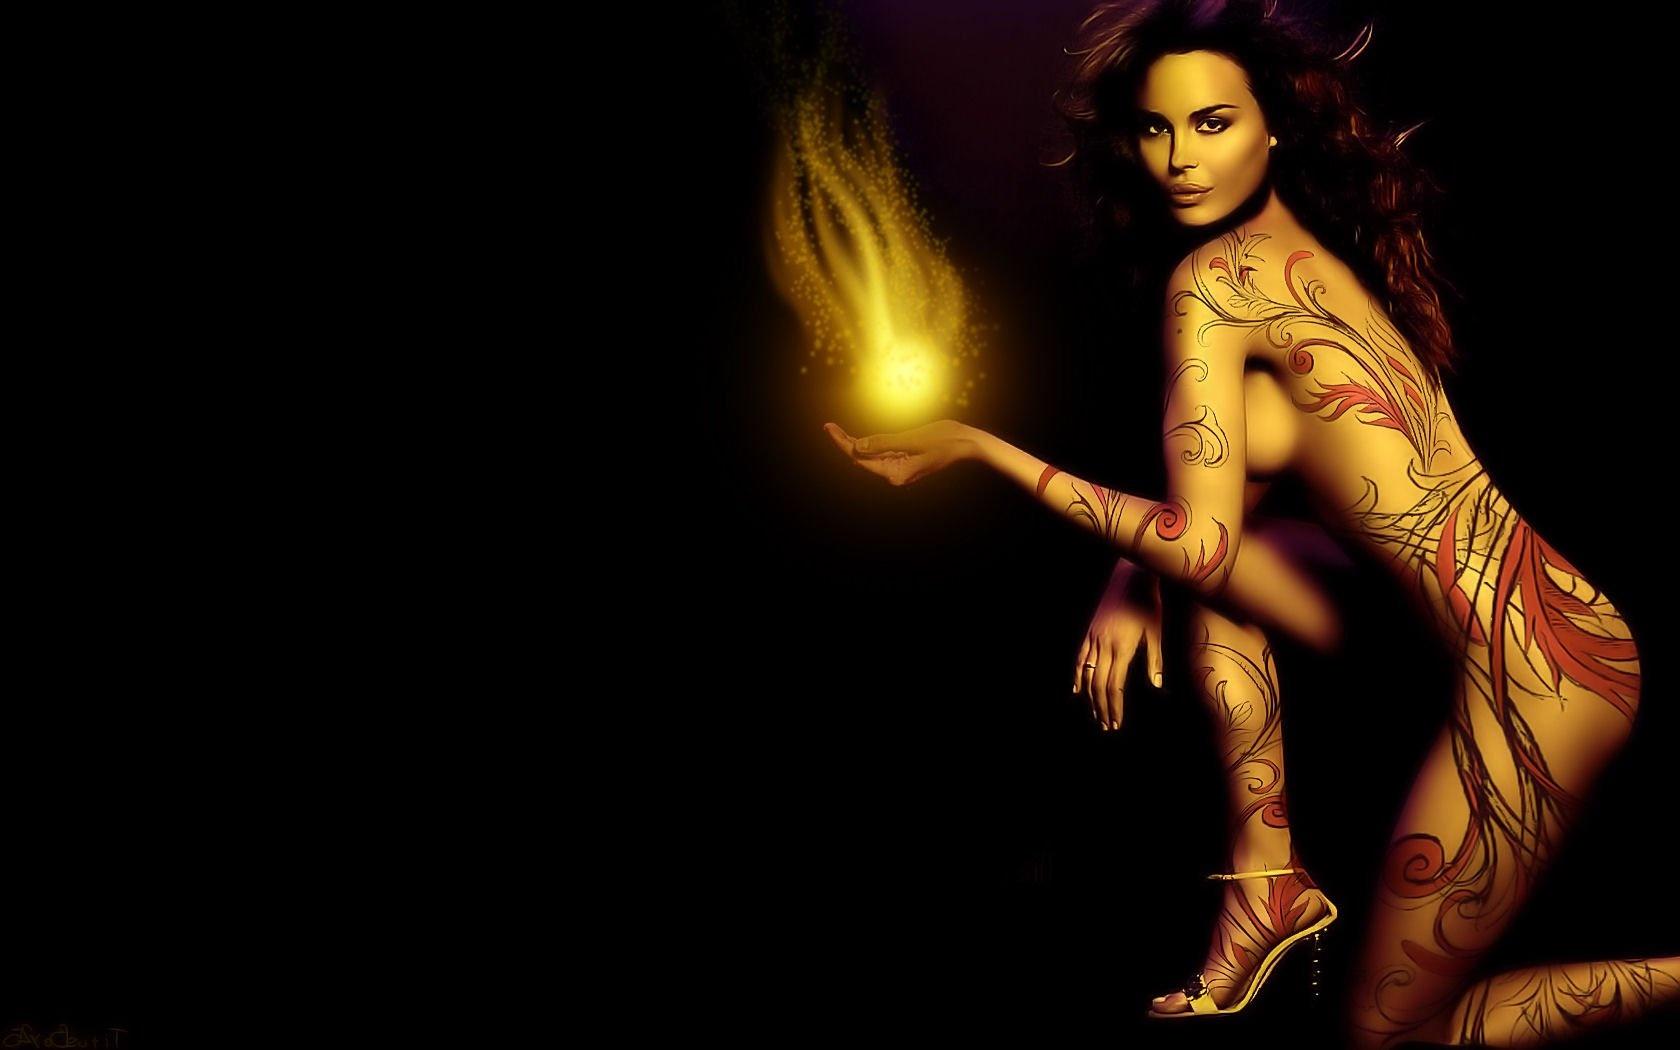 Фэнтези голые женщины 16 фотография